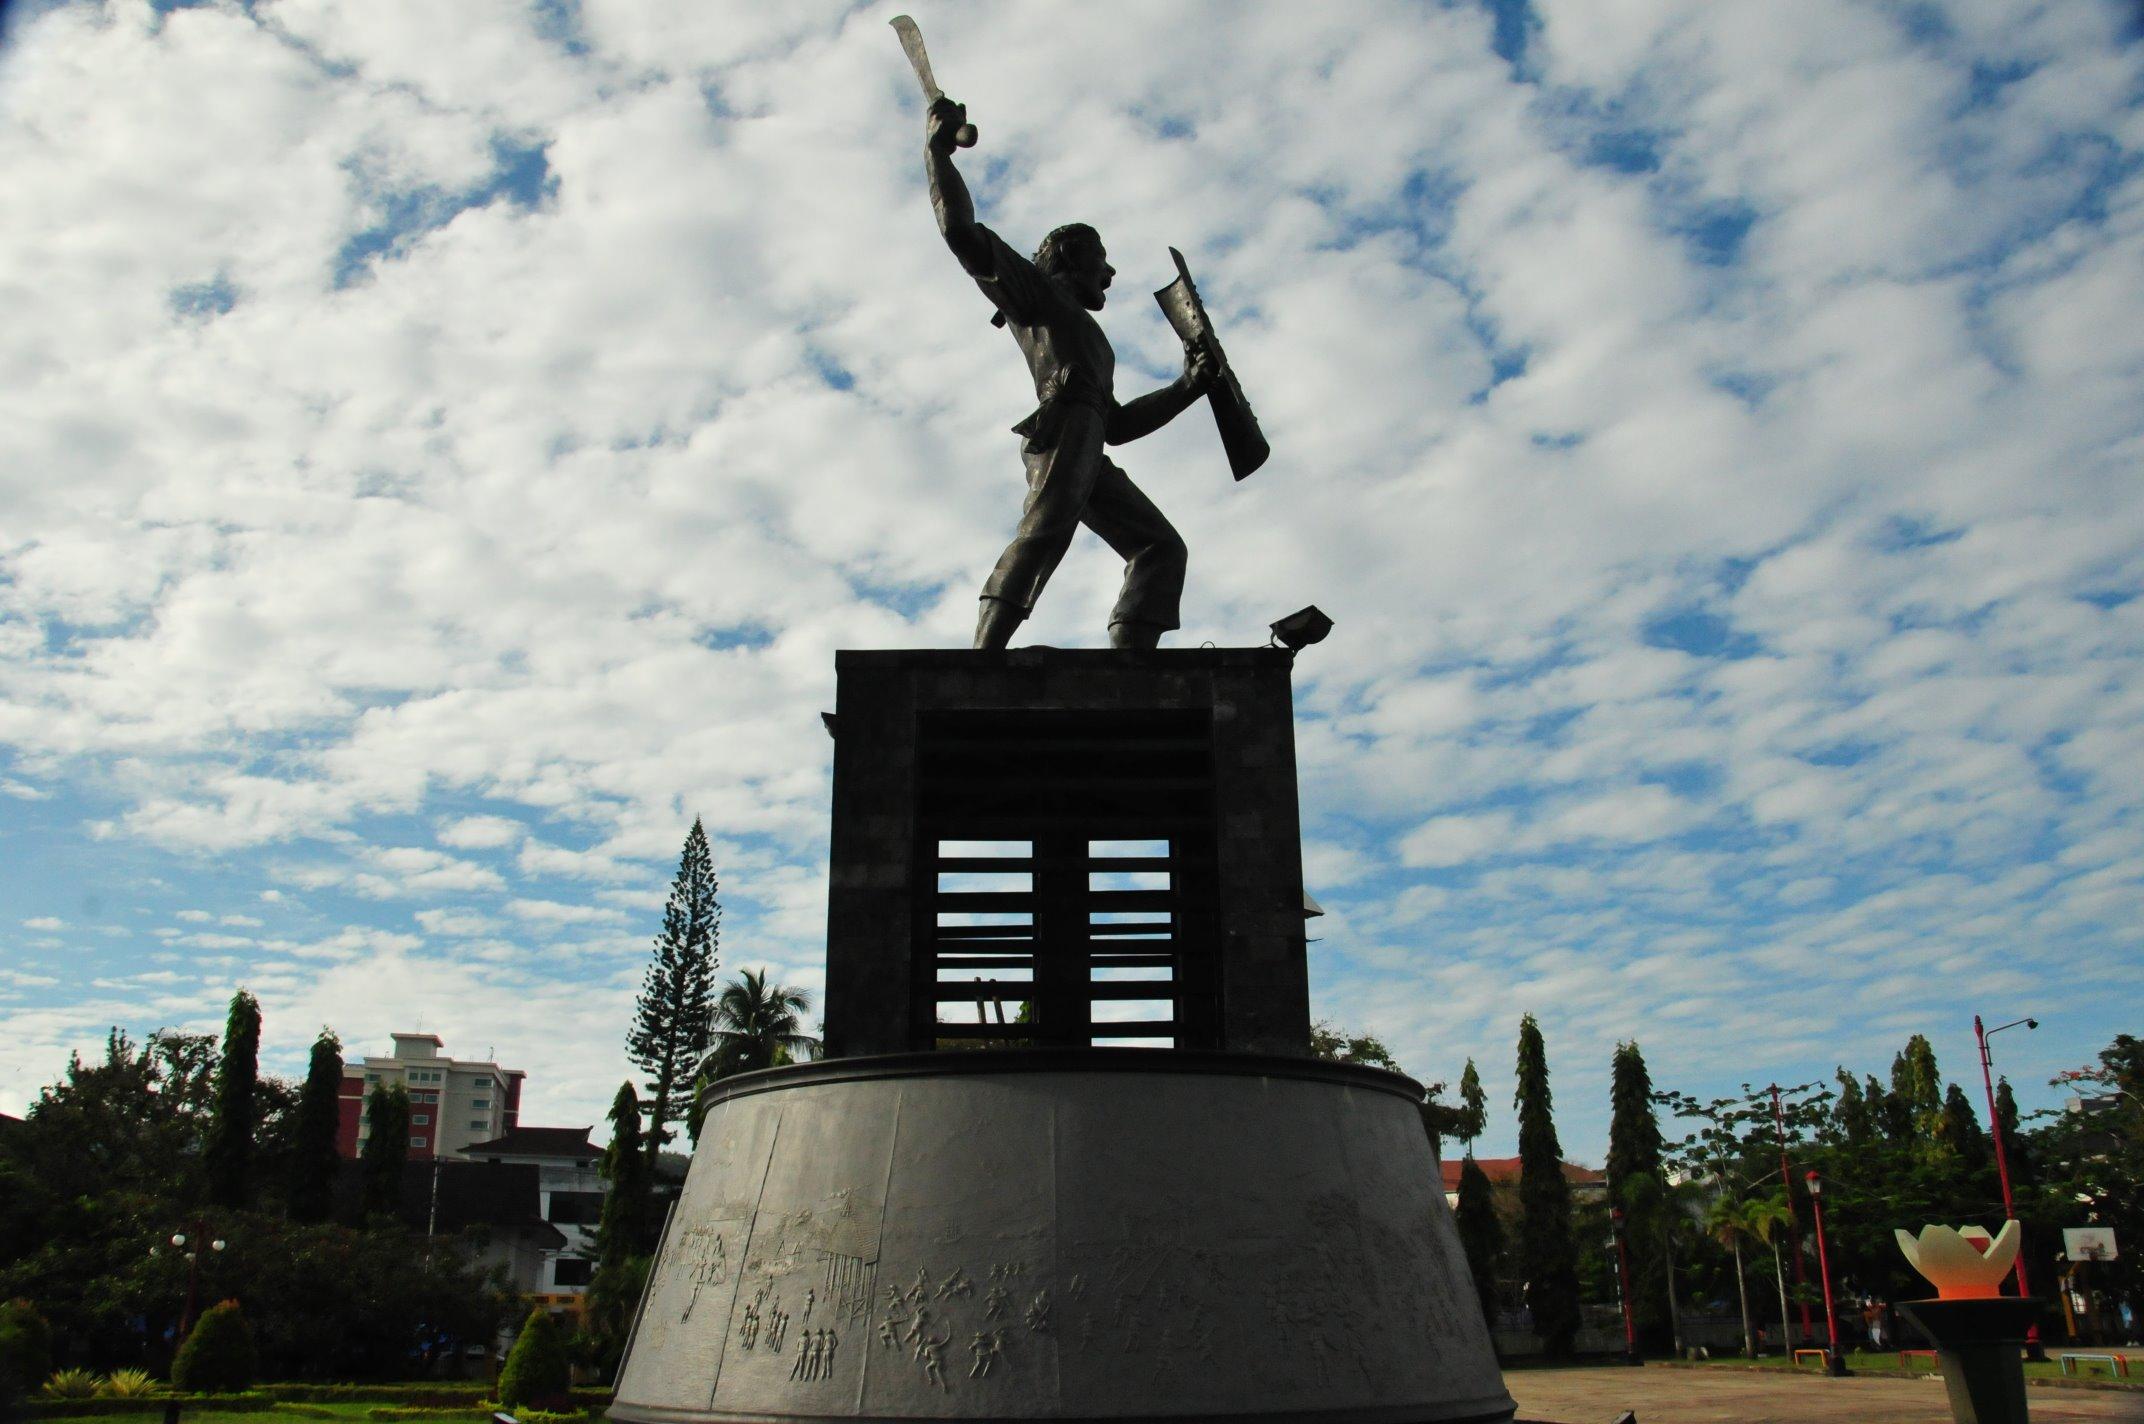 Patung Kapitan Pattimura Pecintawisata Taman Kota Ambon